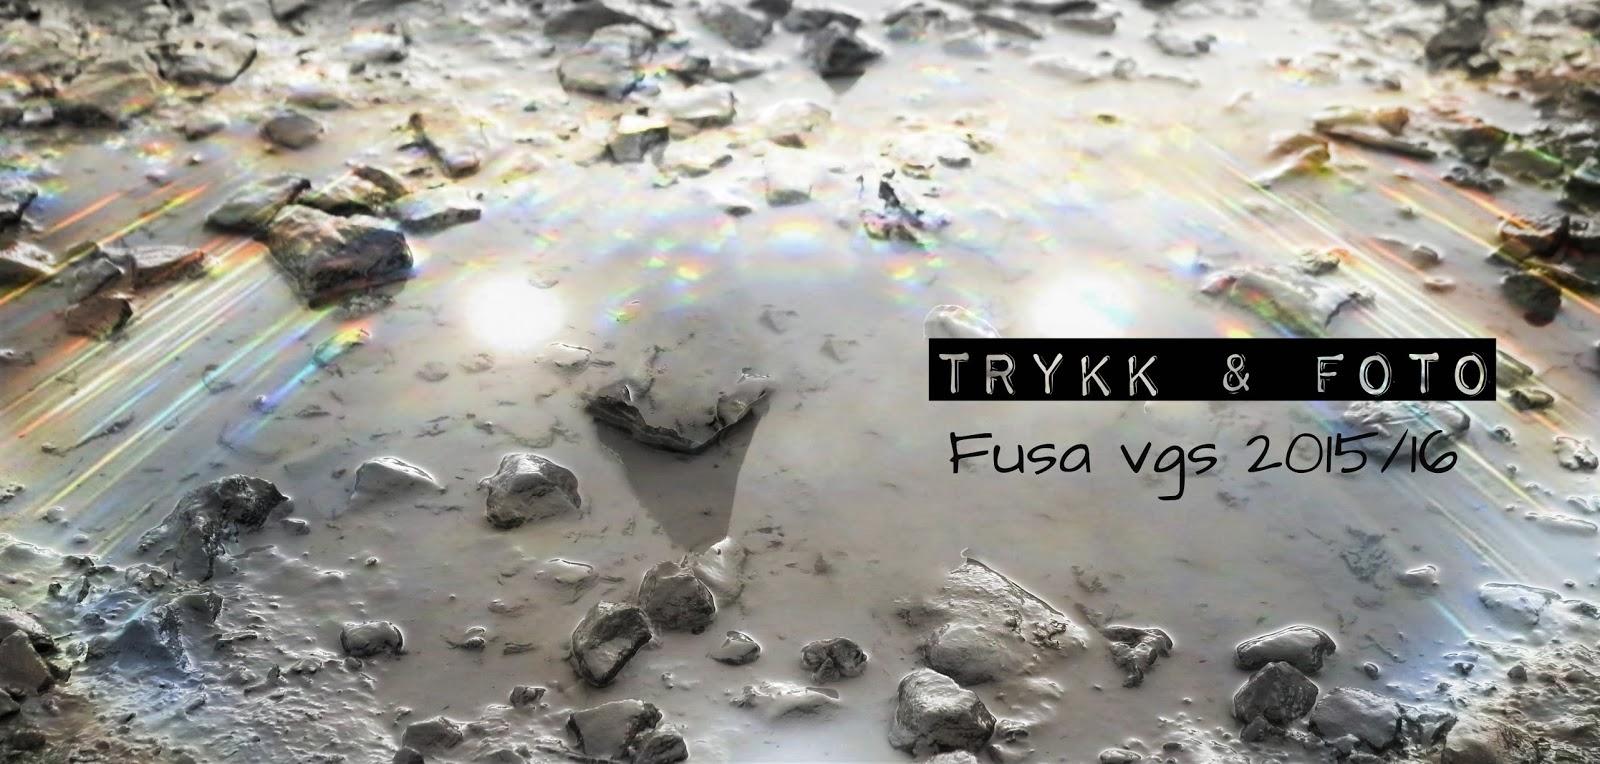 T R Y K K  & FOTO FUSA   15/16